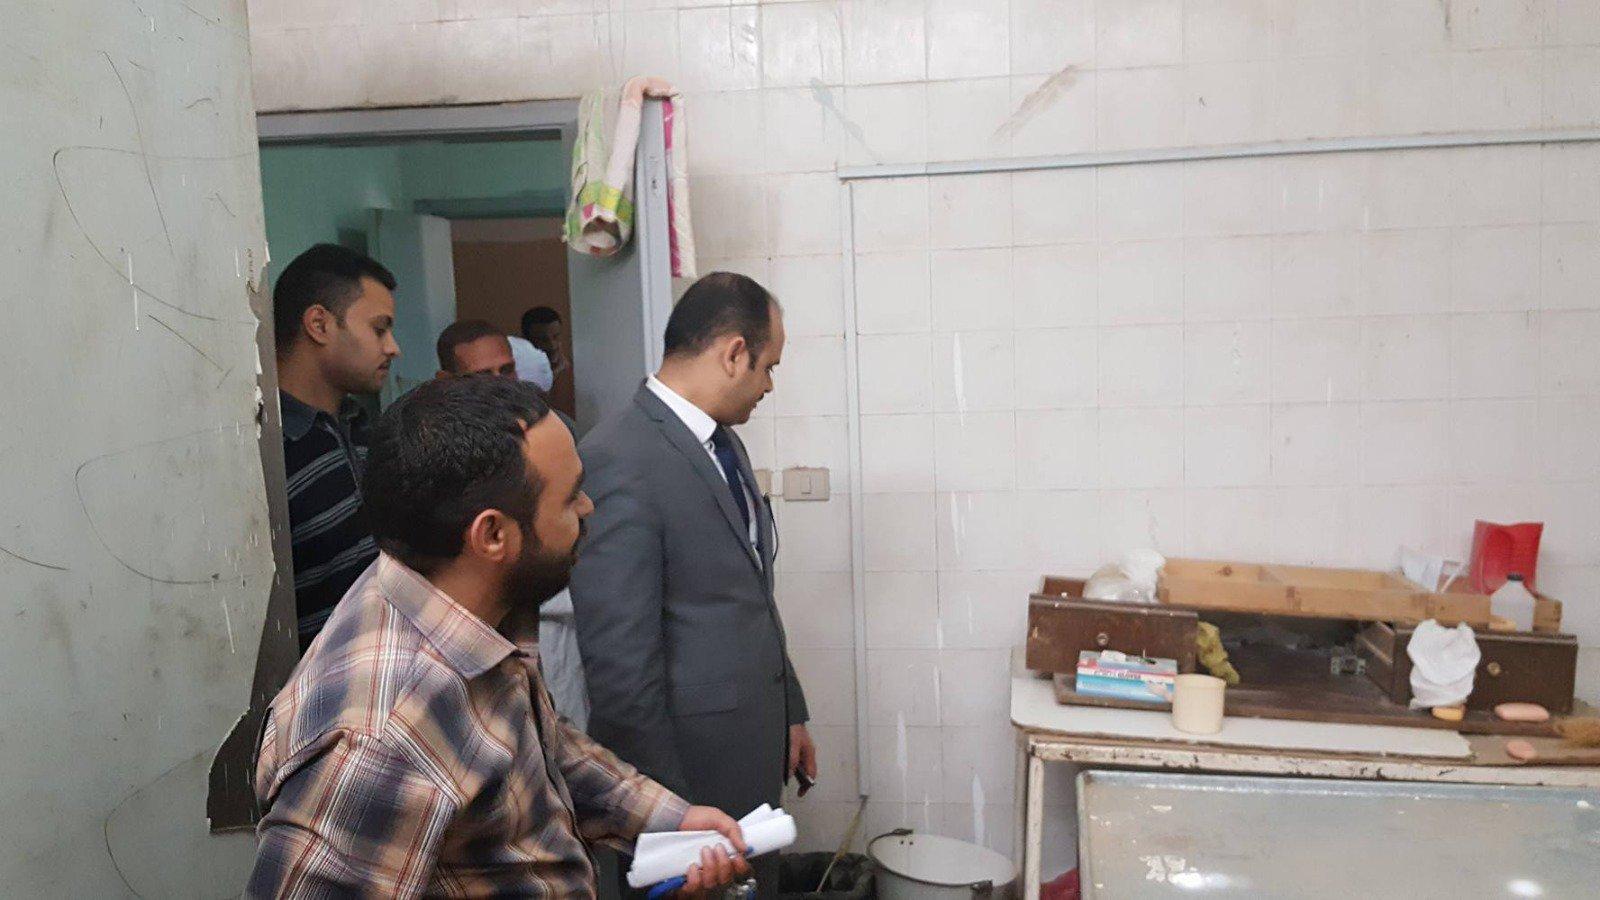 صورة النيابة الإدارية تحقق فى مخالفات داخل مستشفي بالمنيا